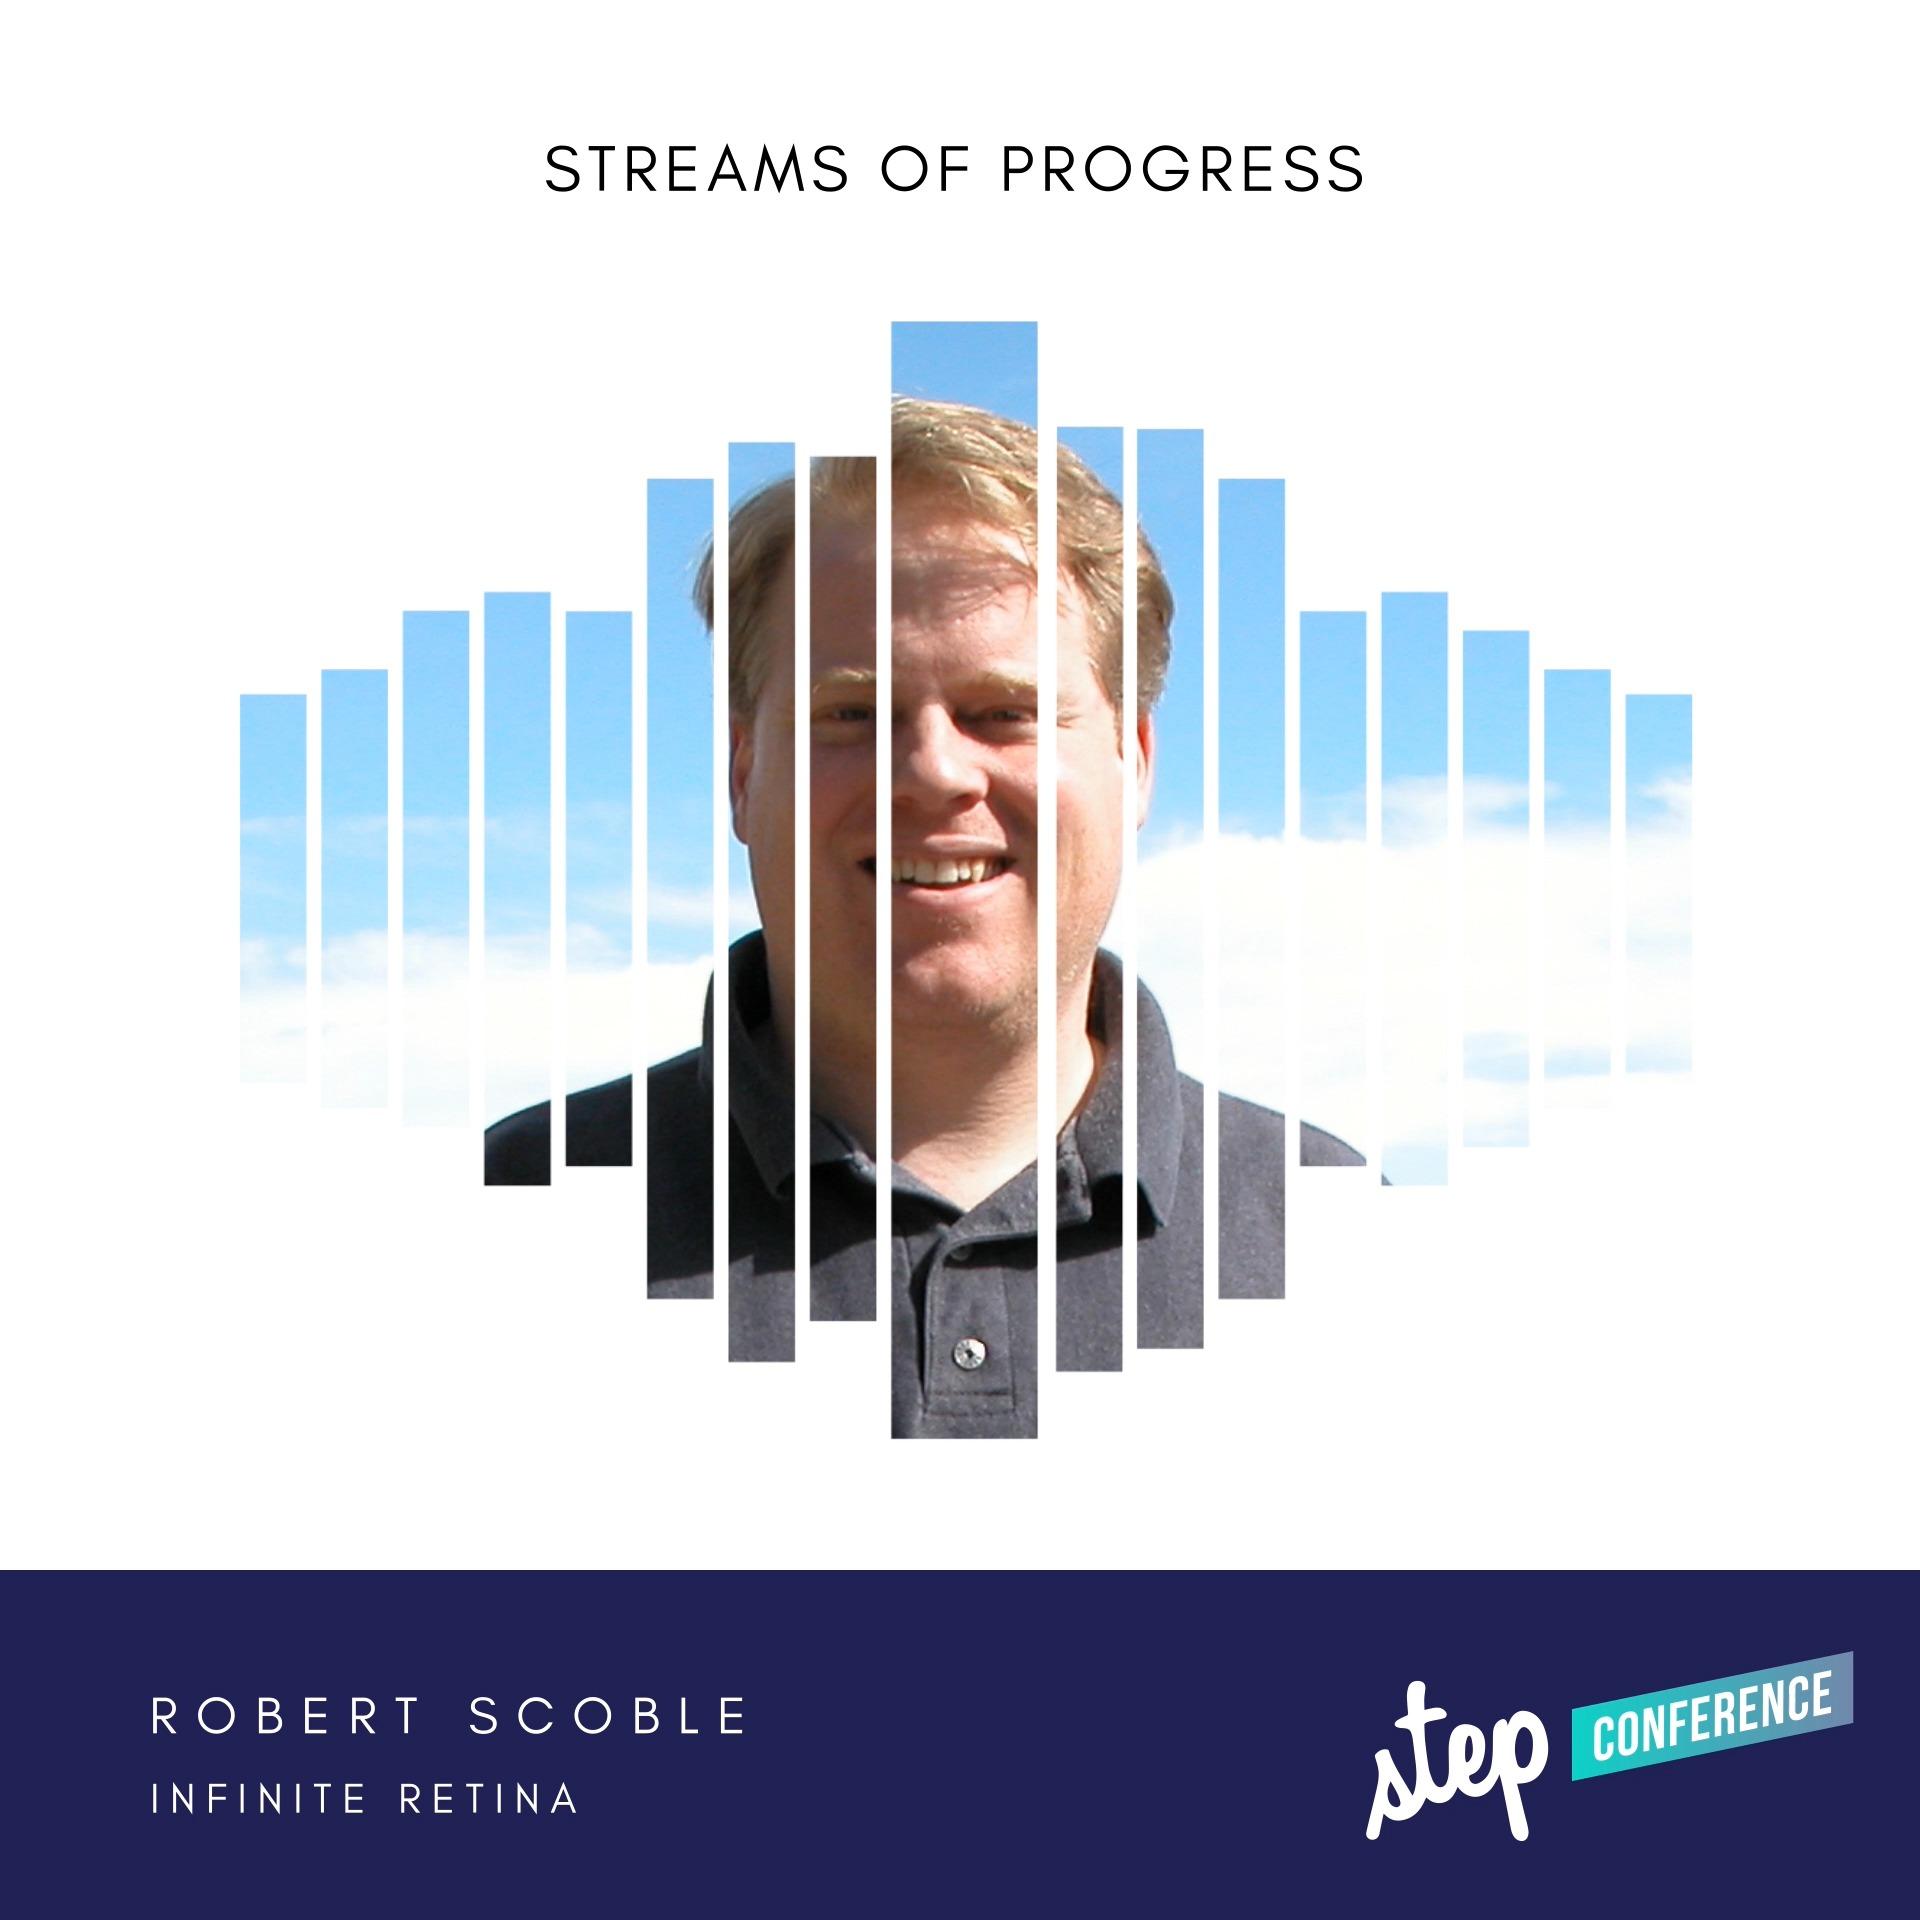 STEP2020 - Robert Scoble, Infinite Retina